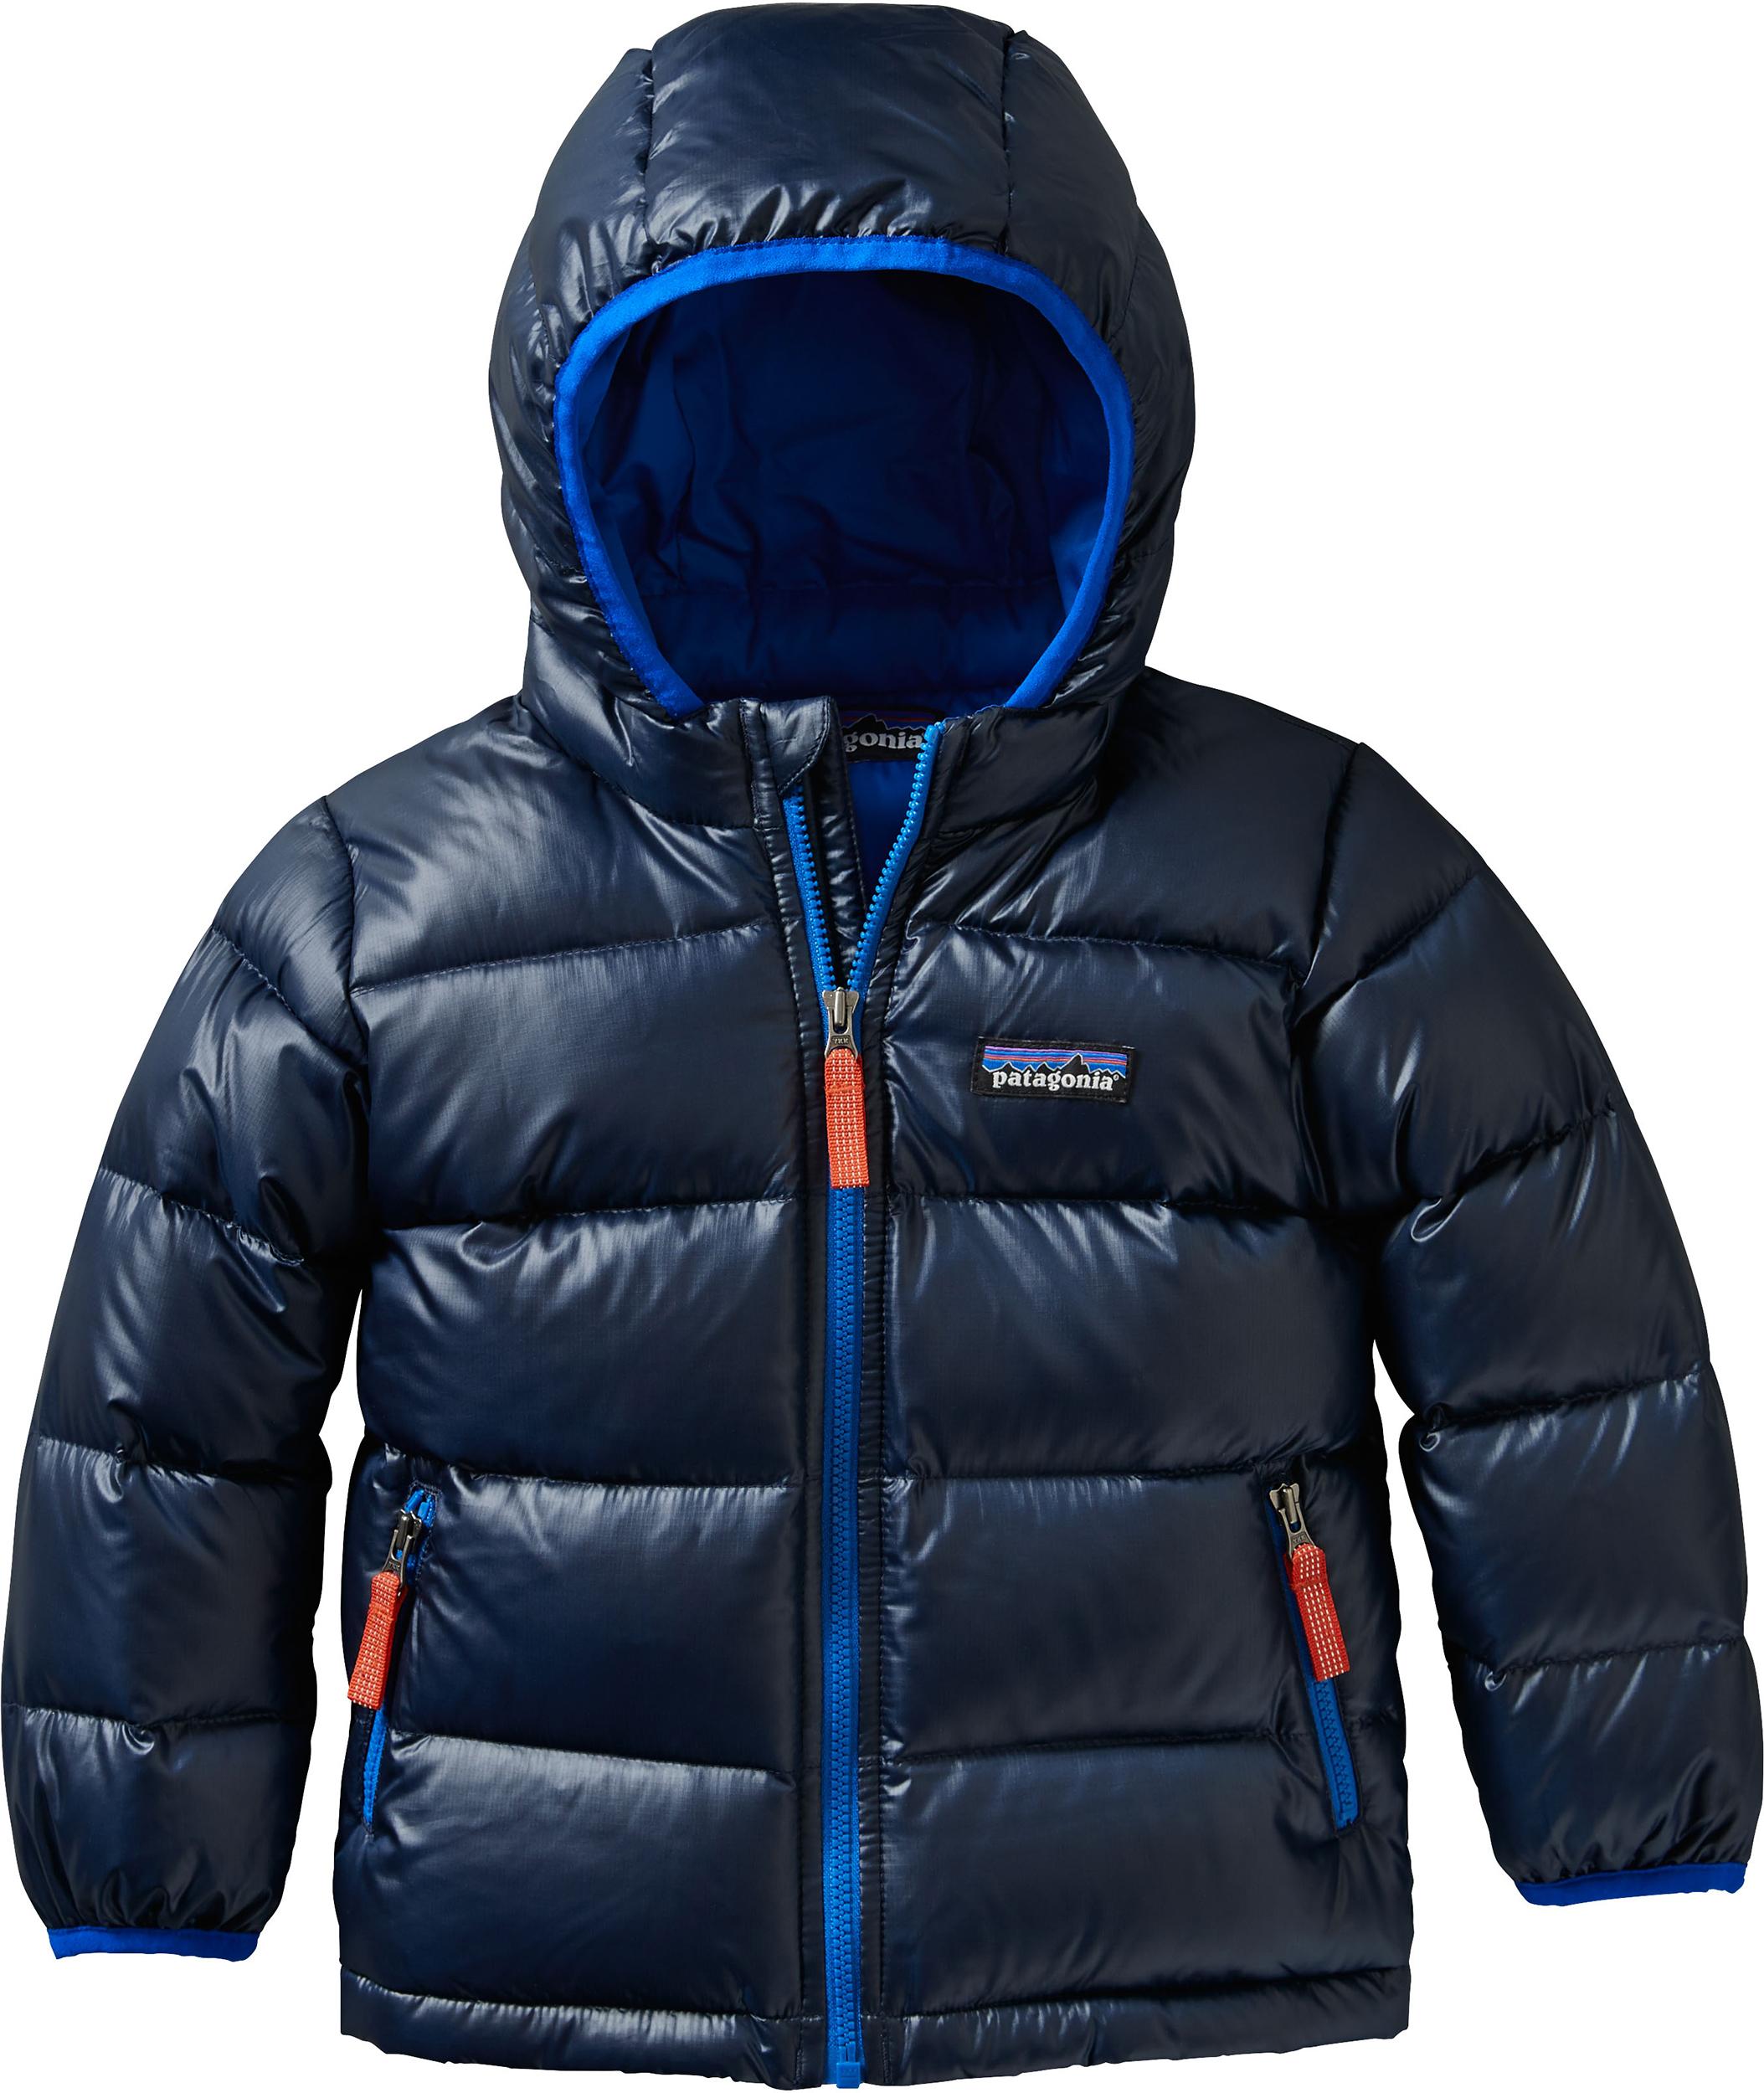 089d56be41 vêtements d'hiver décontractés : Manteaux